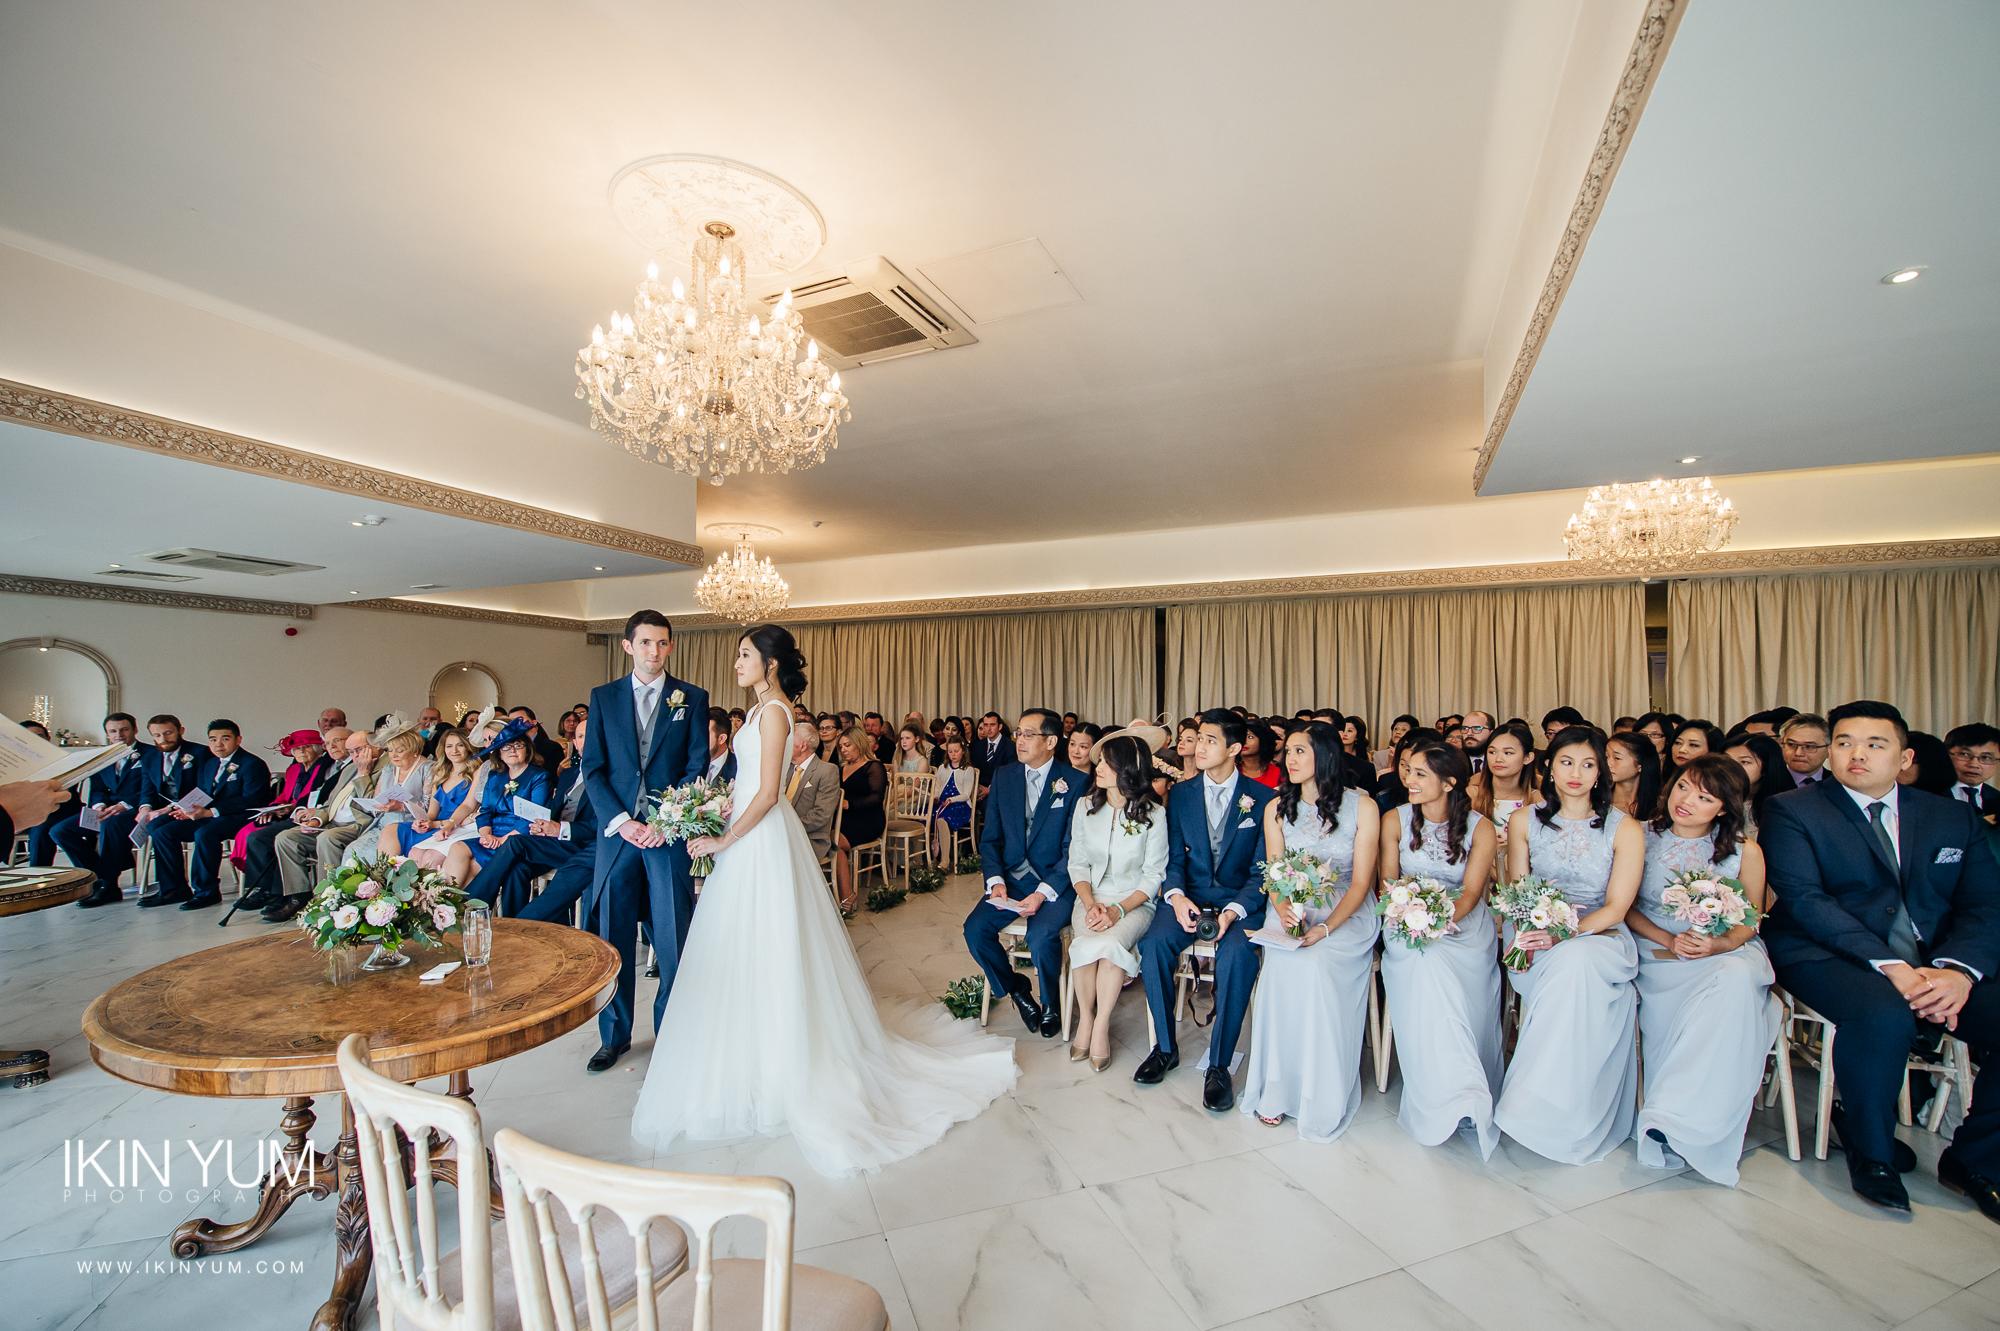 Nicola & Jonny Wedding Day - Ikin Yum Photography-060.jpg